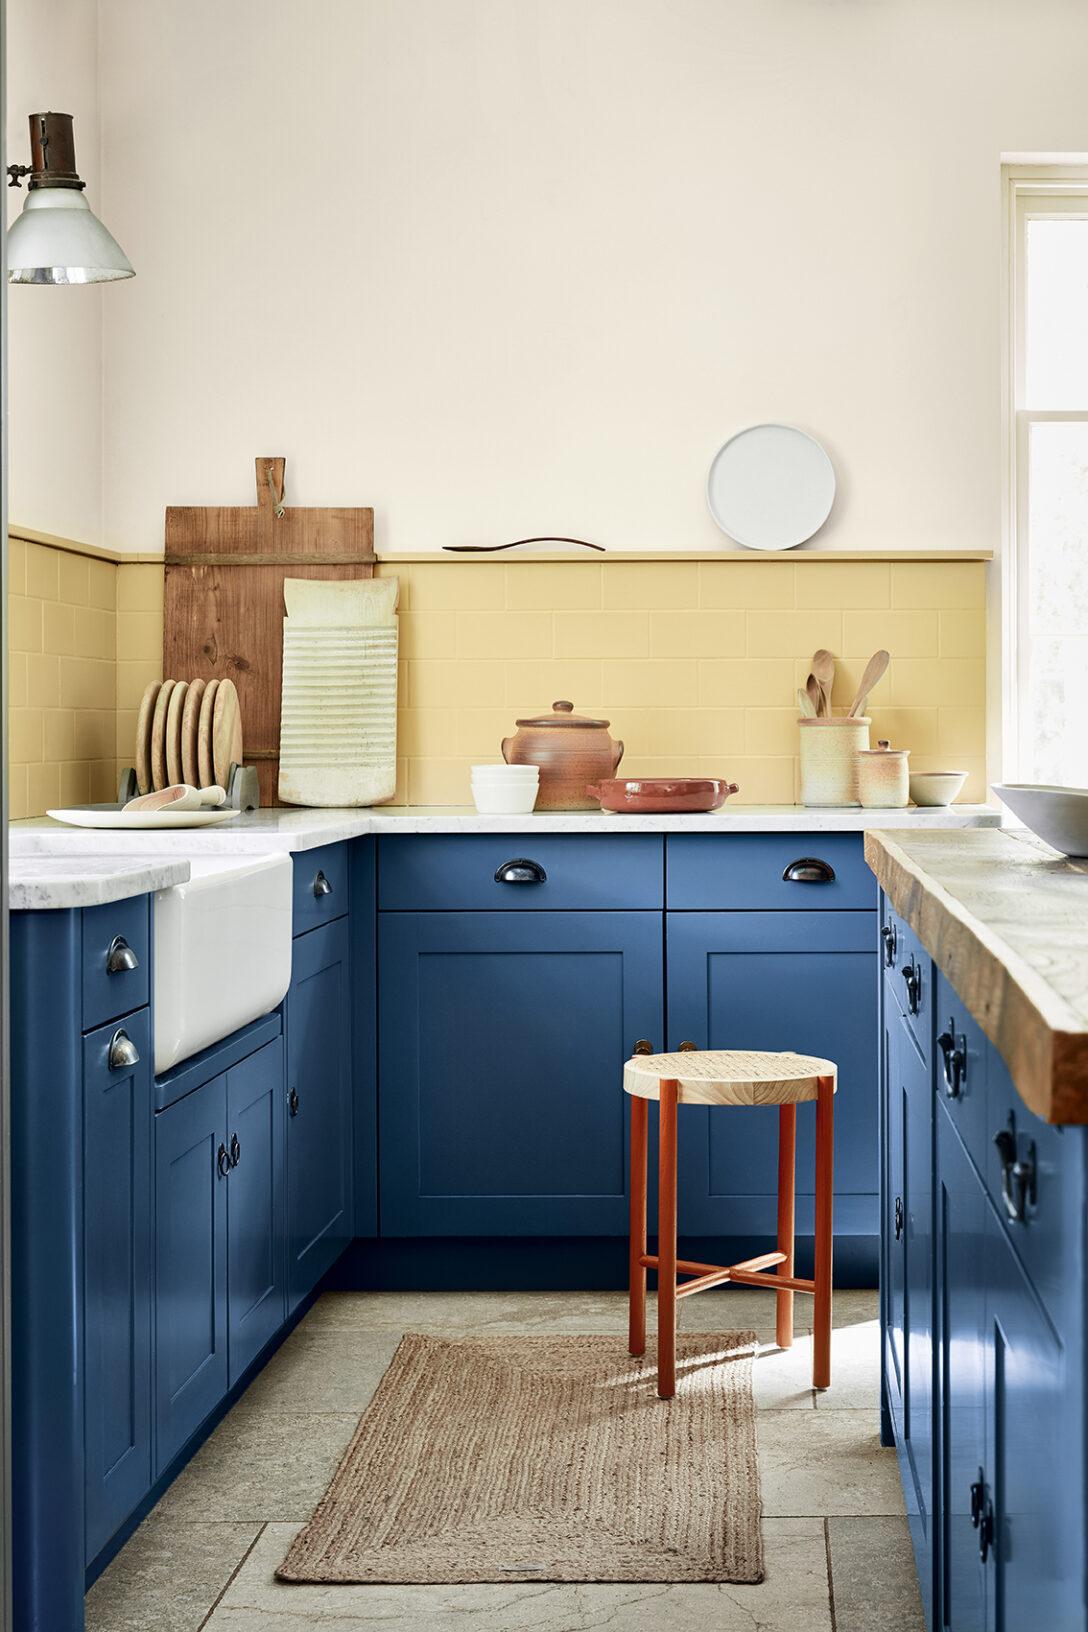 Large Size of Küchen Tapeten Abwaschbar Schlafzimmer Fototapeten Wohnzimmer Ideen Regal Für Küche Die Wohnzimmer Küchen Tapeten Abwaschbar